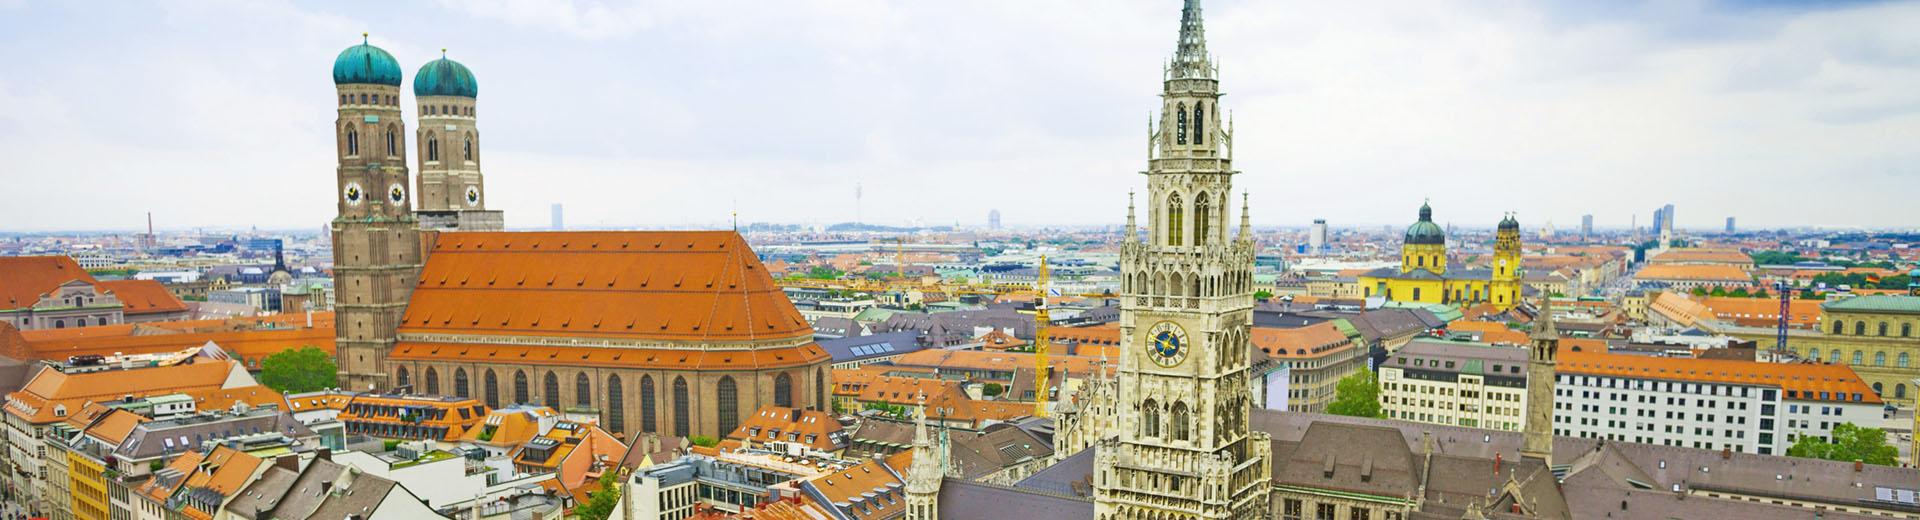 Voyages en groupe - Munich